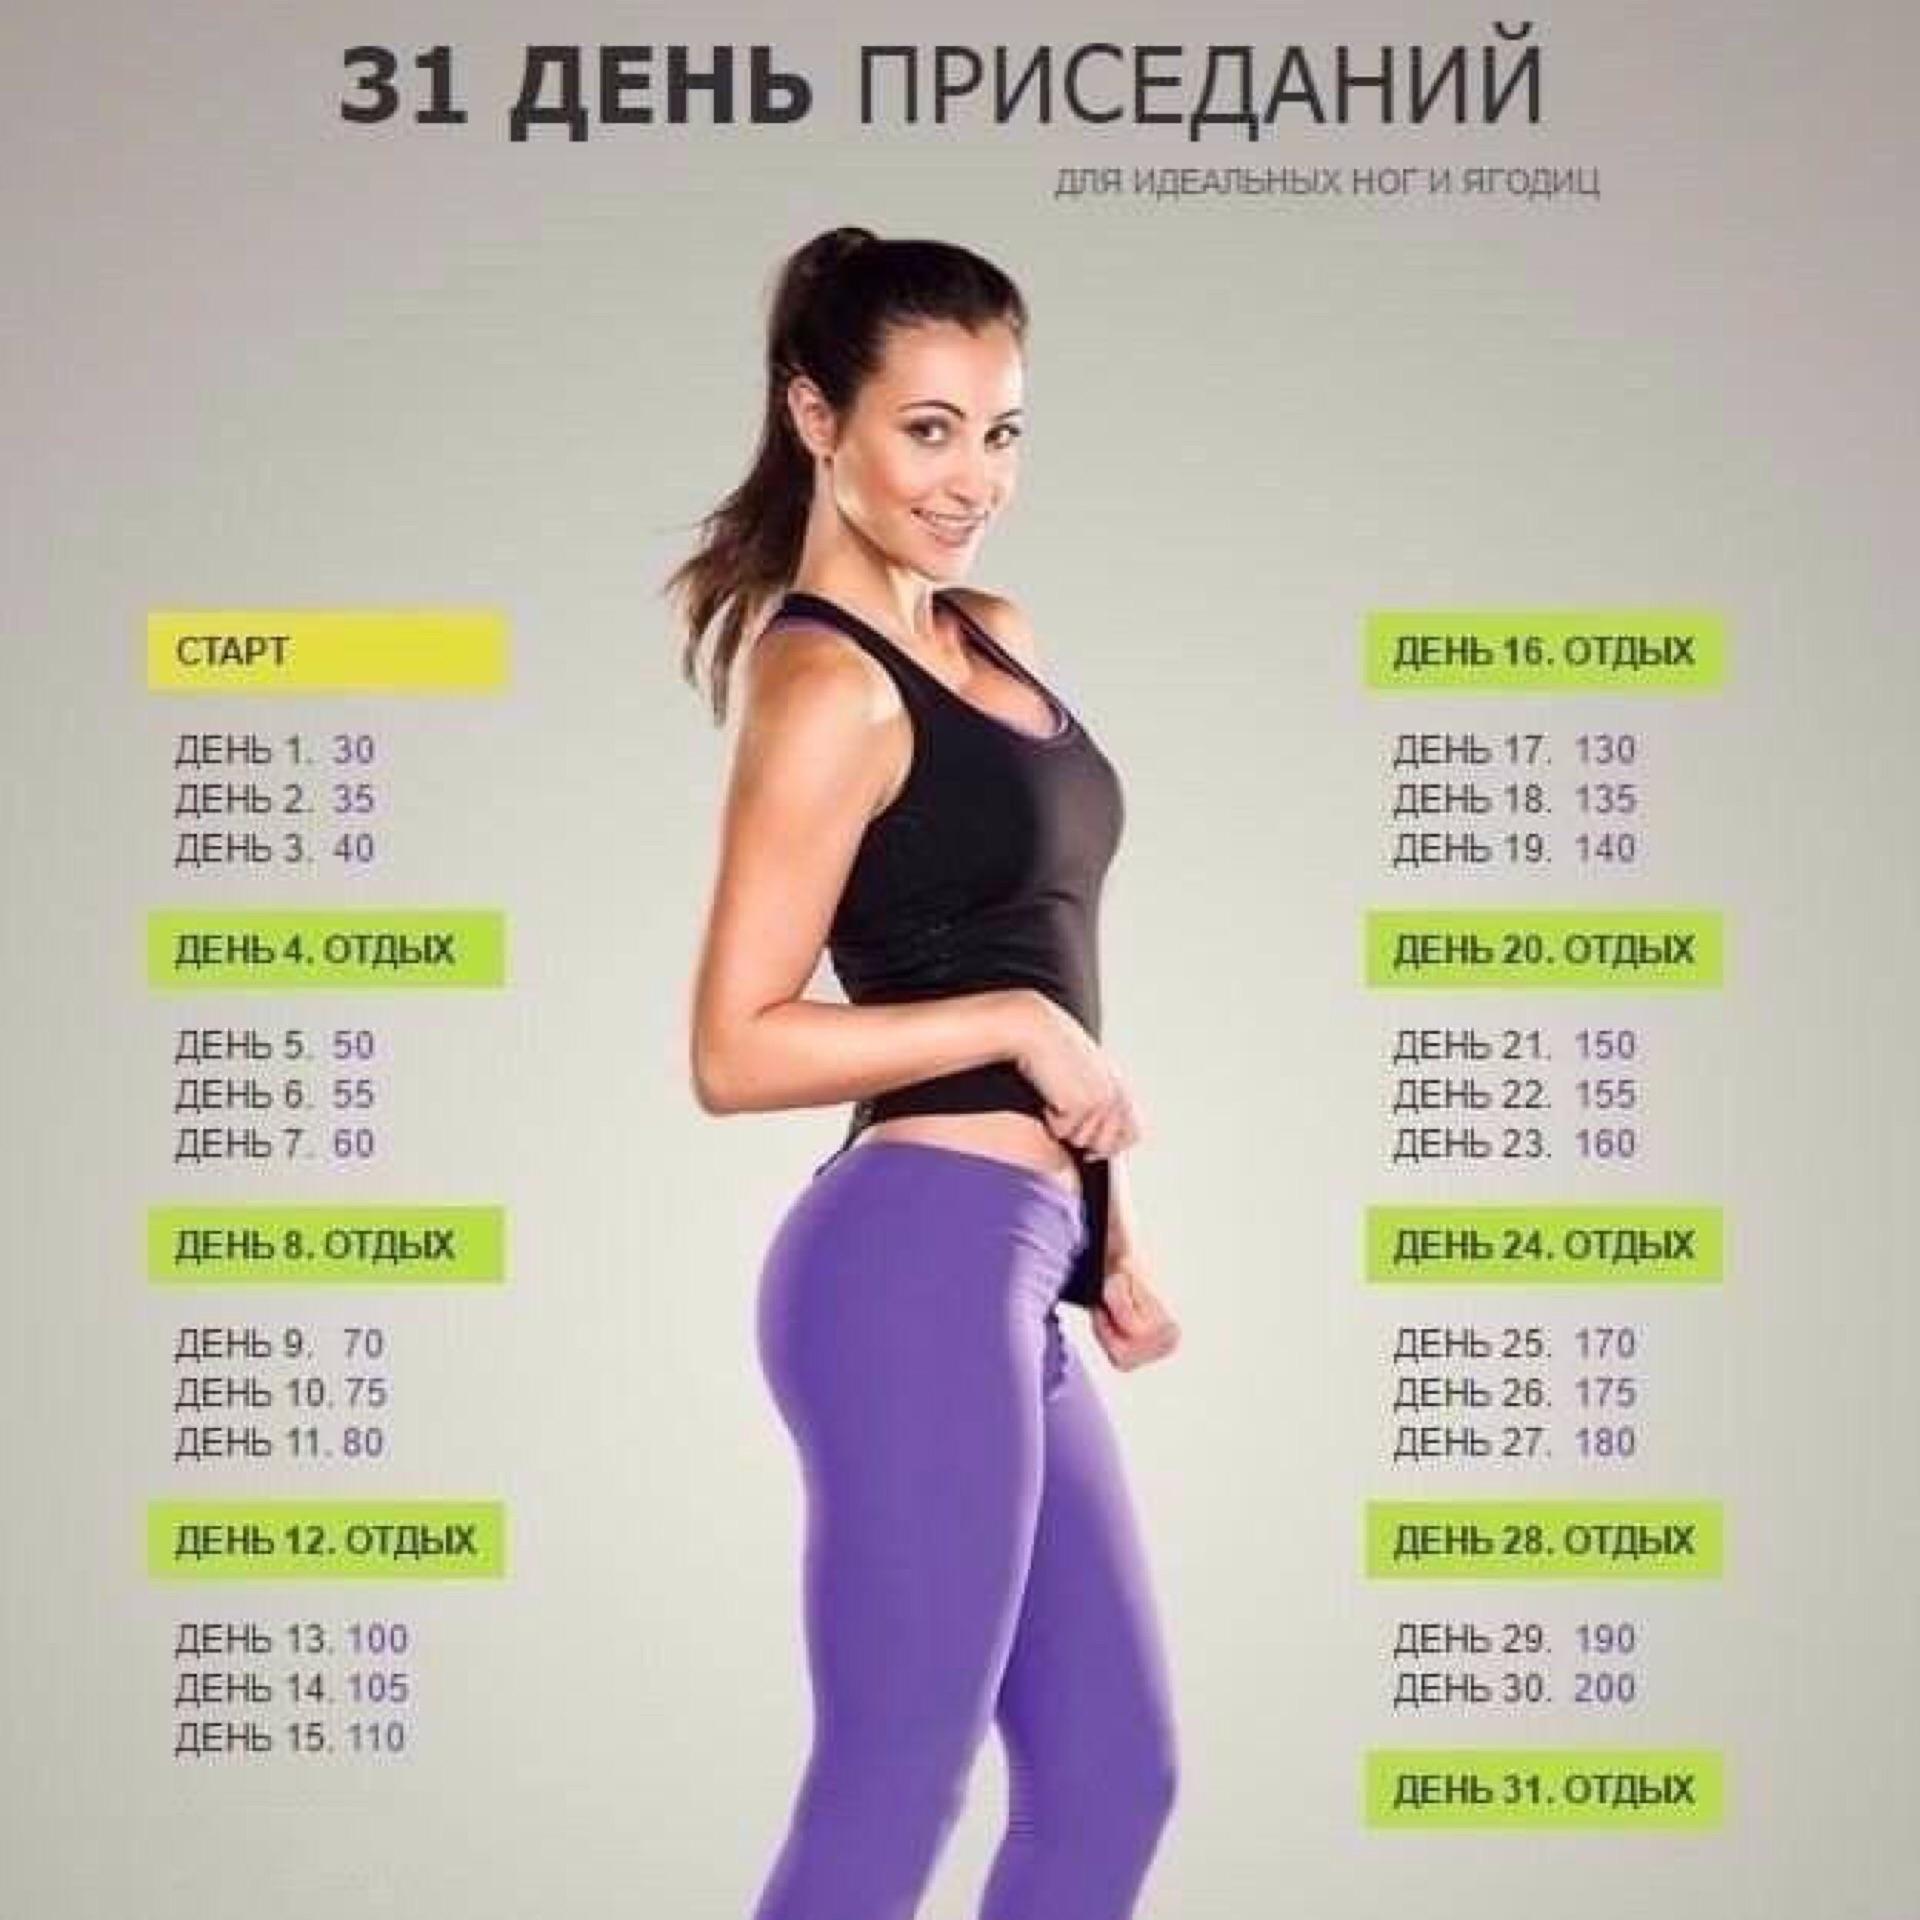 30 дней таблица для девушек фото